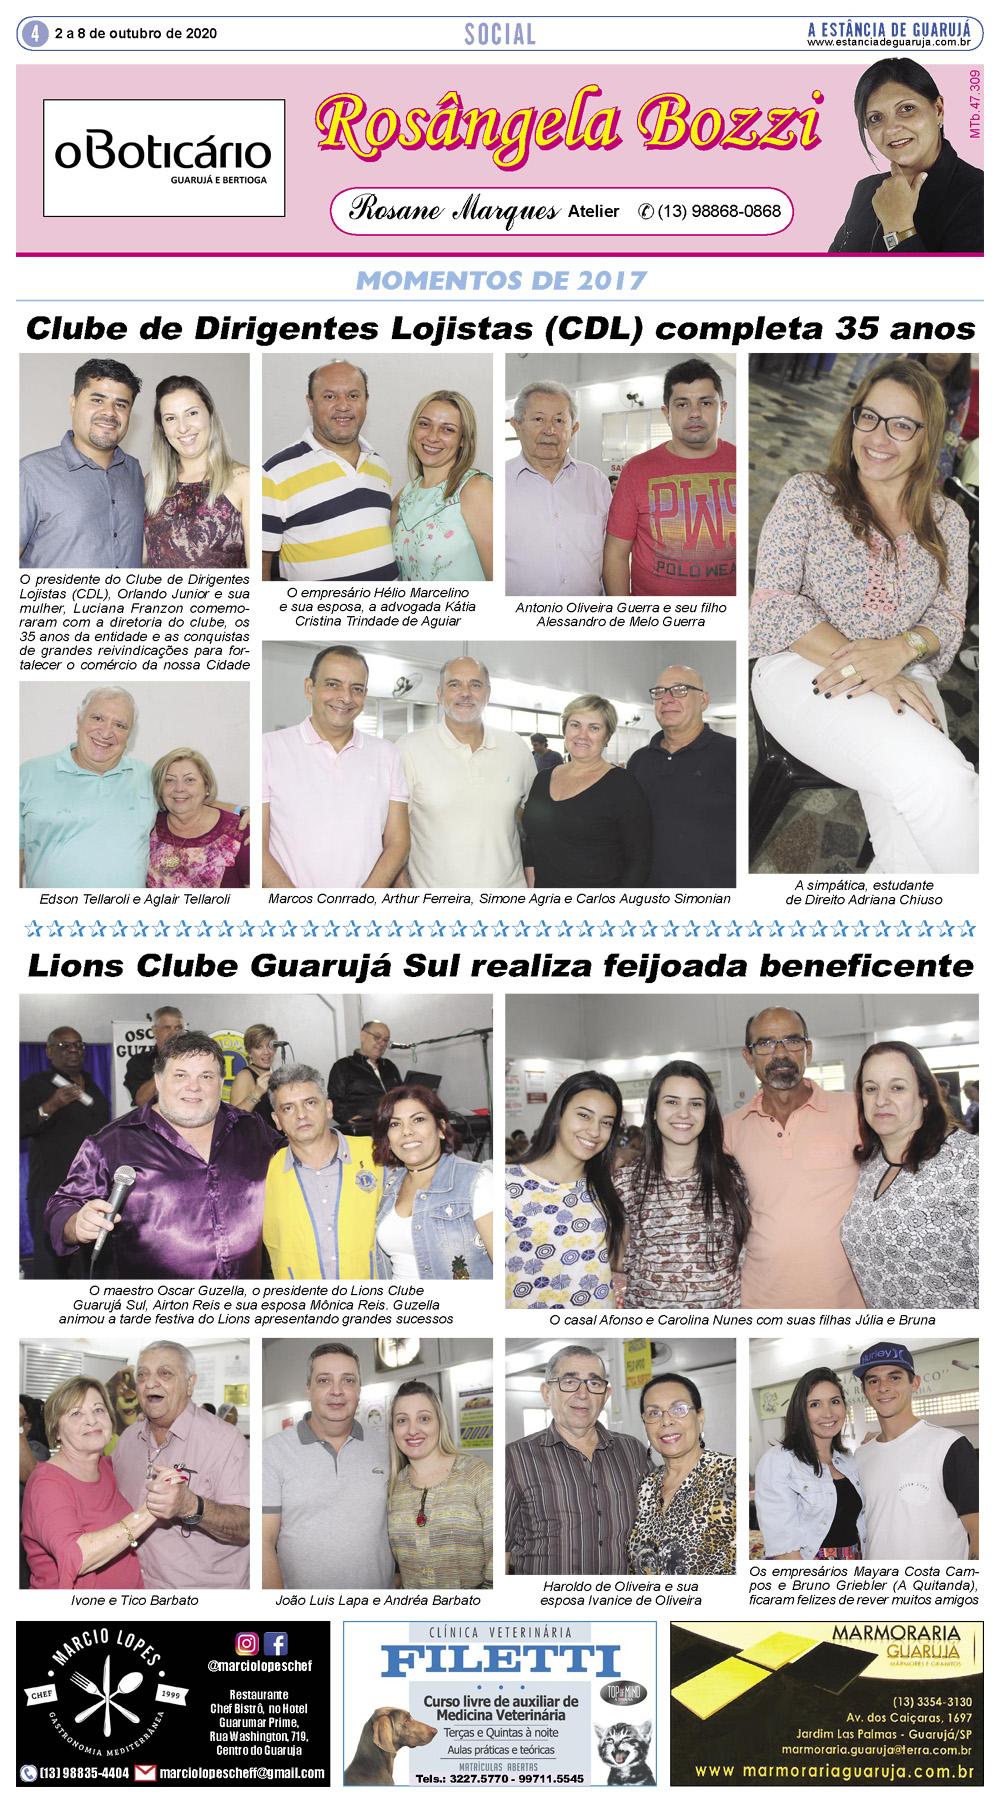 Aniversário do Clube de Dirigentes Lojistas (CDL)